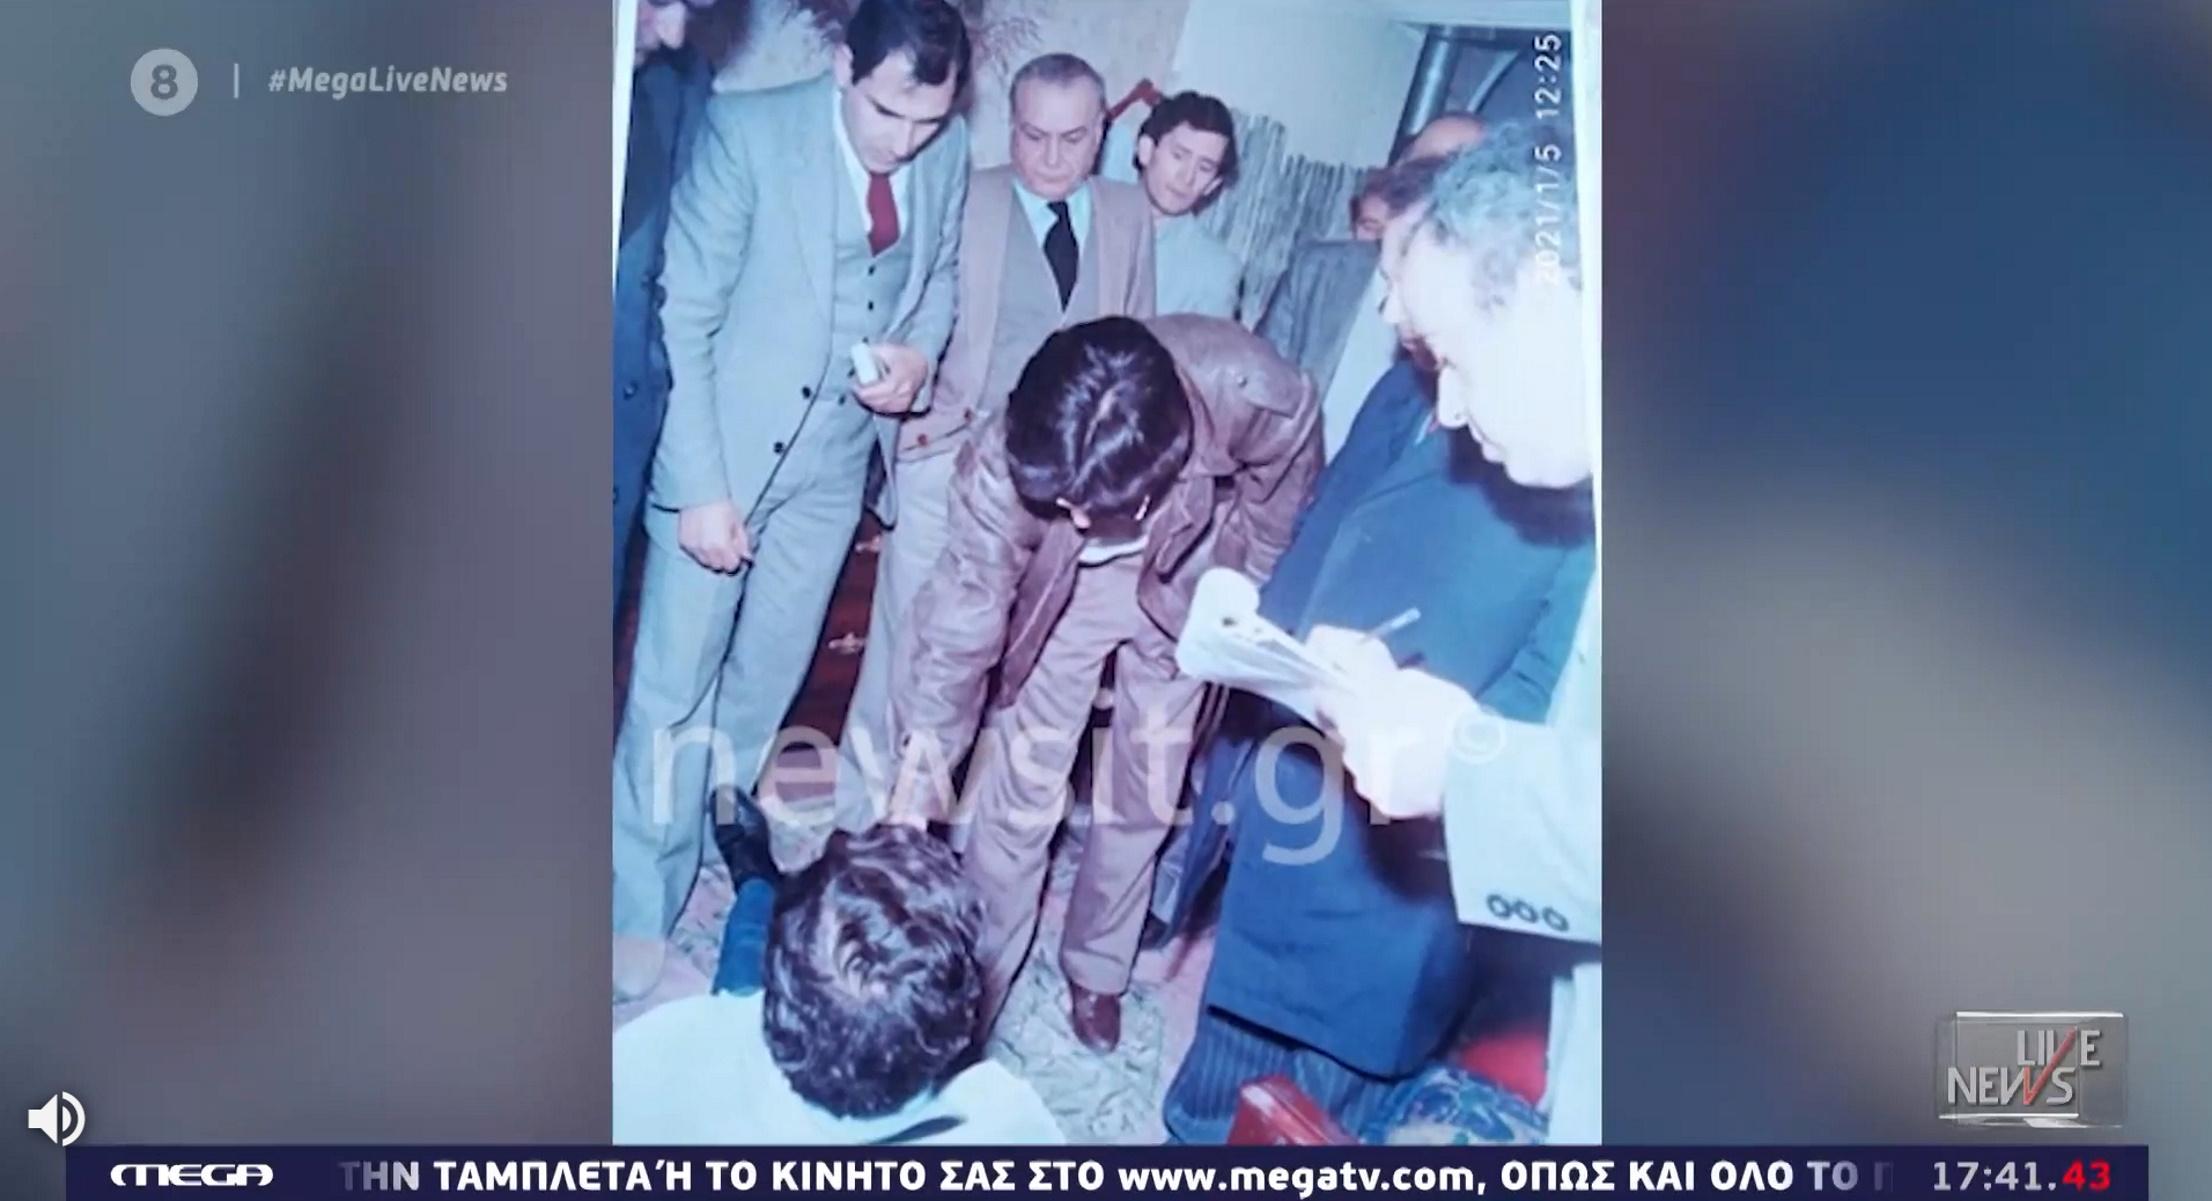 Ηλίας Μαζαράκης – Live News: Το άγνωστο ντοκουμέντο για τη διπλή δολοφονία του παππού και της θείας του (video)